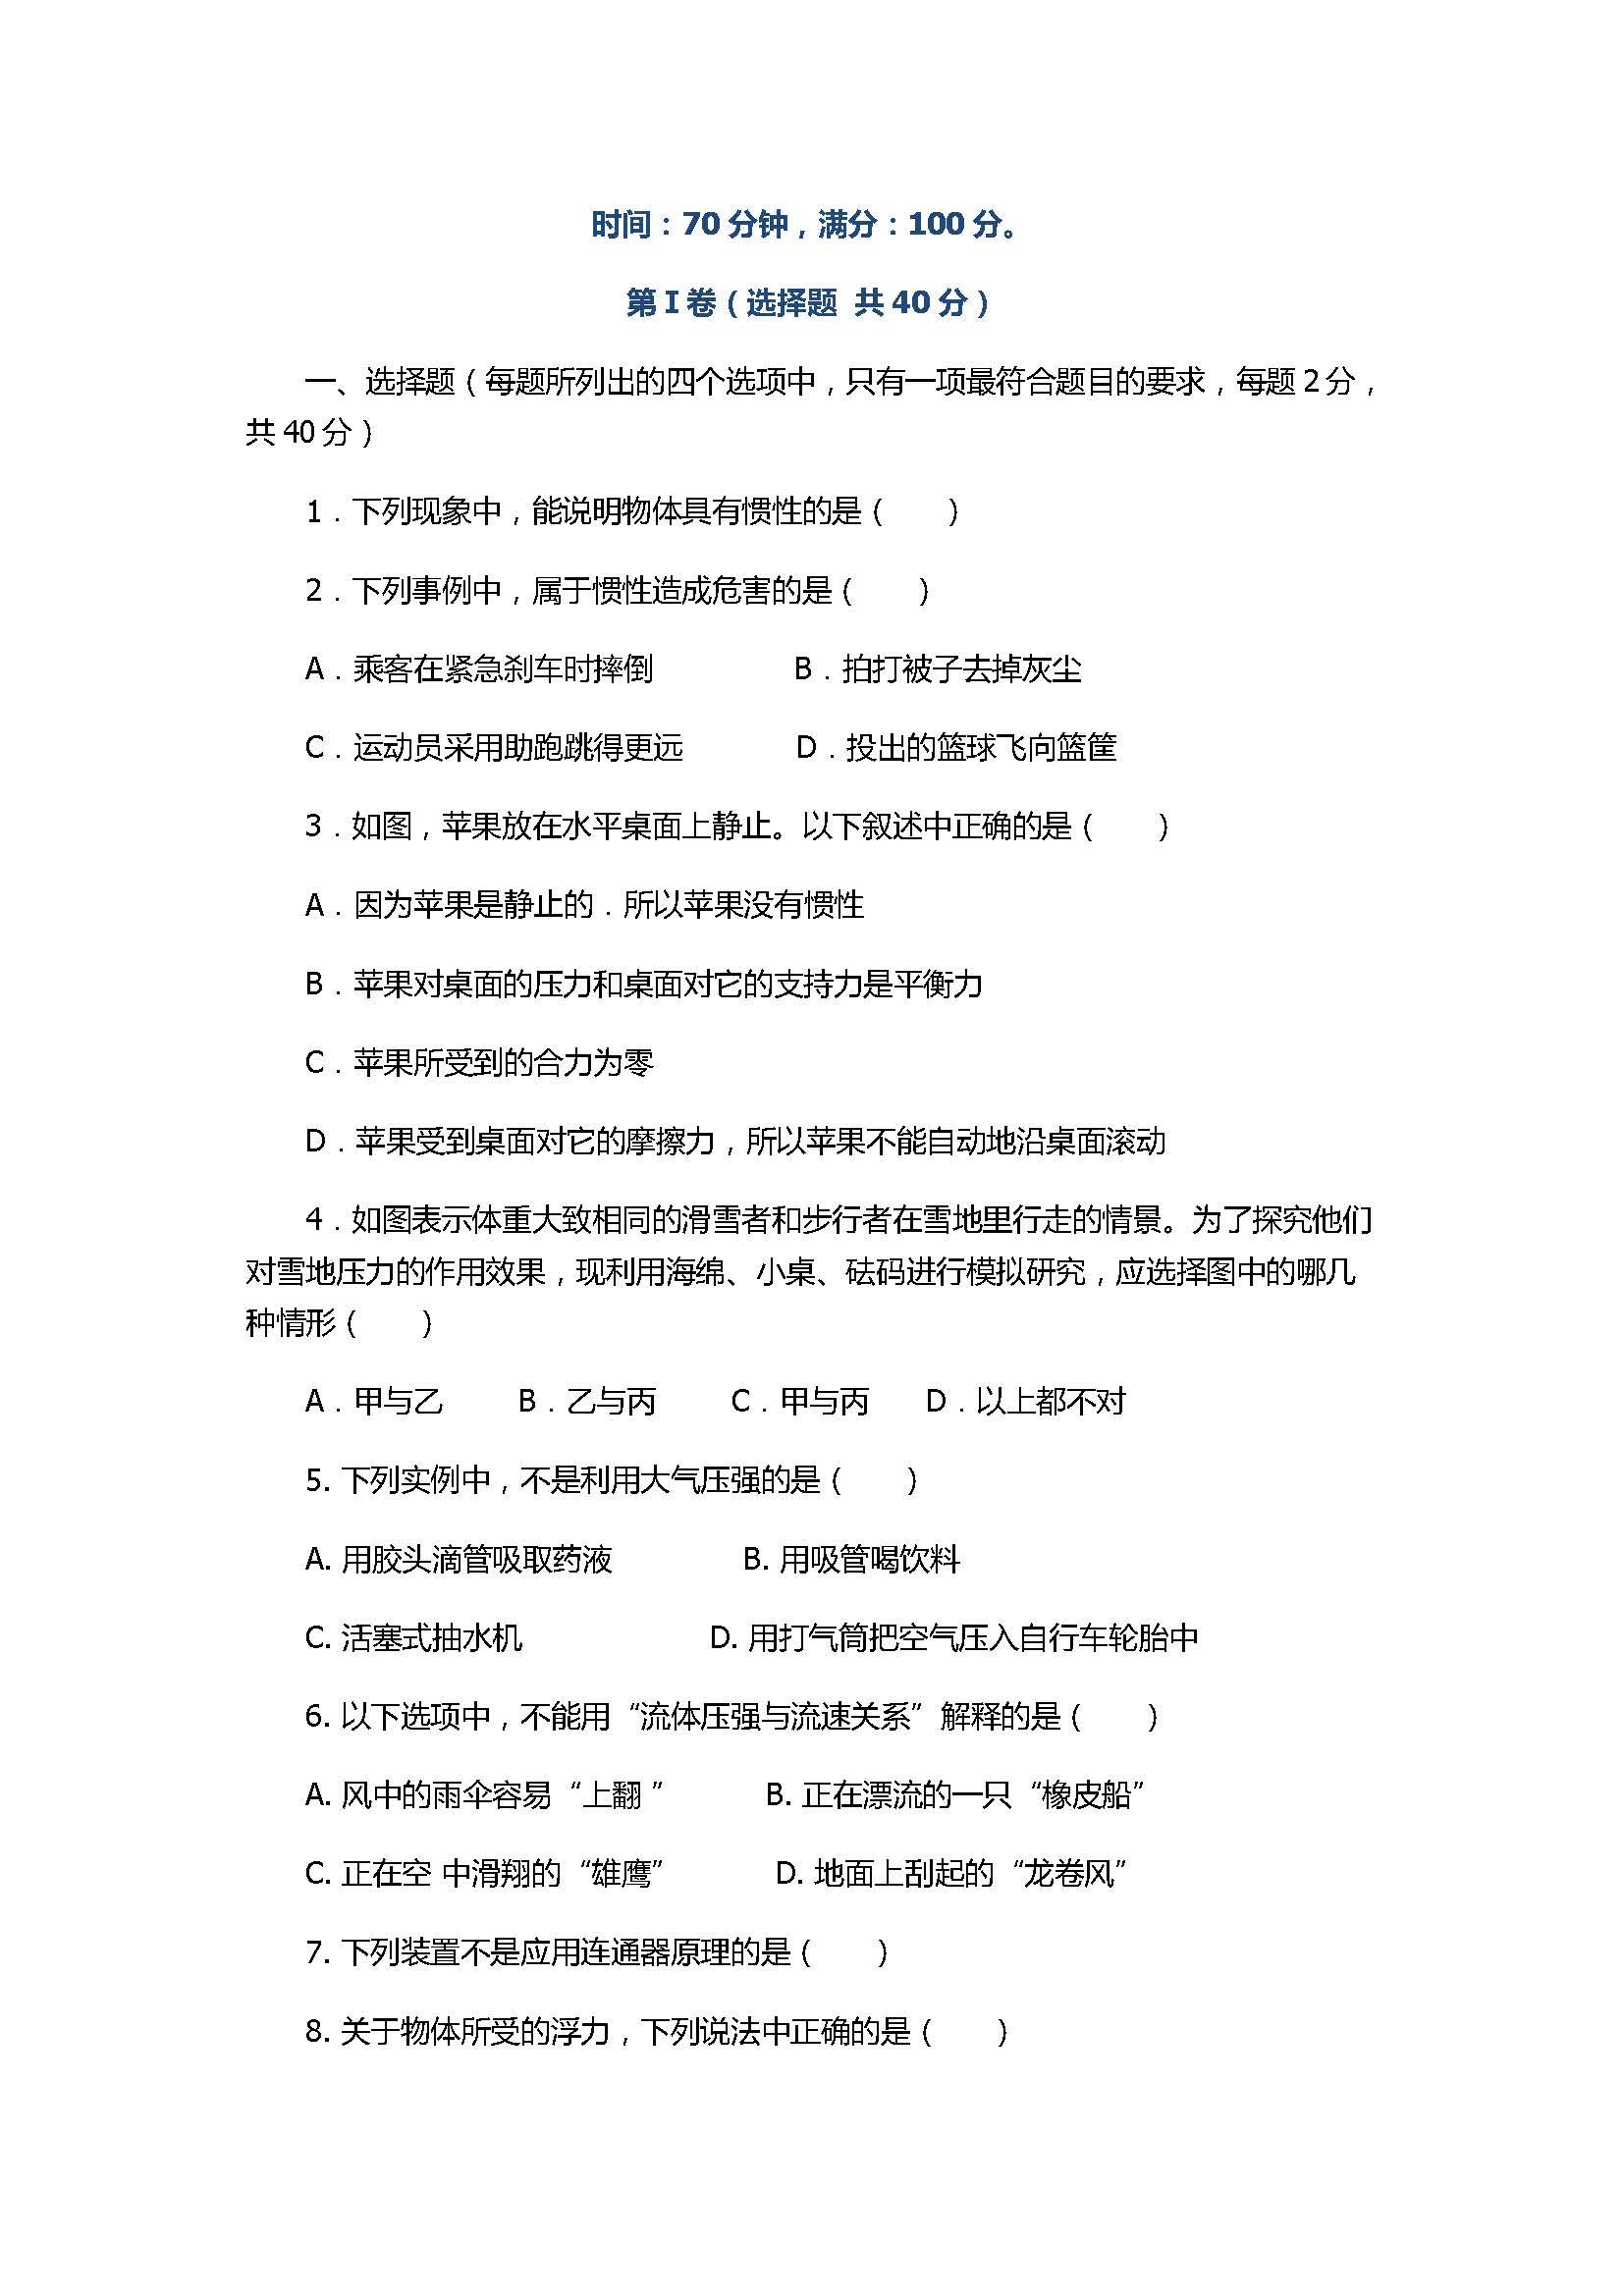 2017初二年级物理下册期末试题带答案(山东省临沂市)